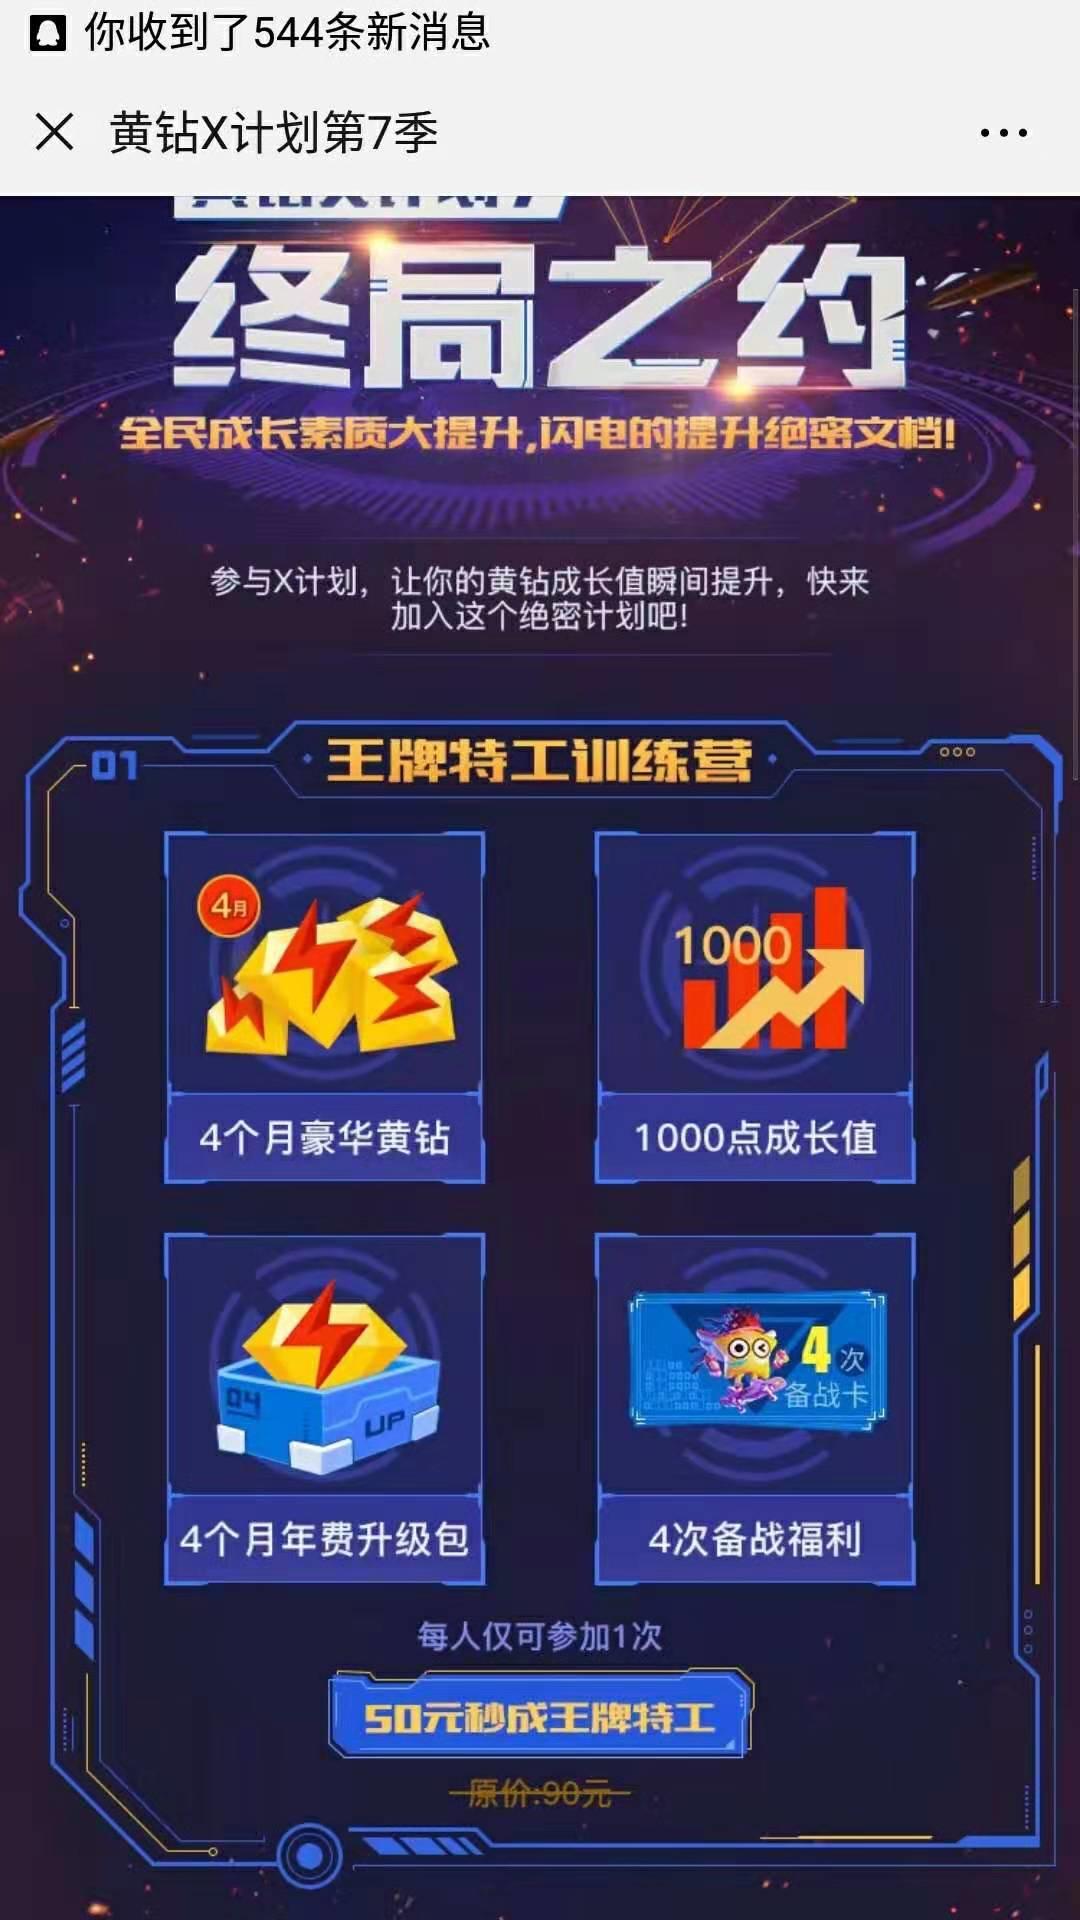 黄钻X计划第7季 50元开通5个月豪华黄钻+1000成长值+年费升级包